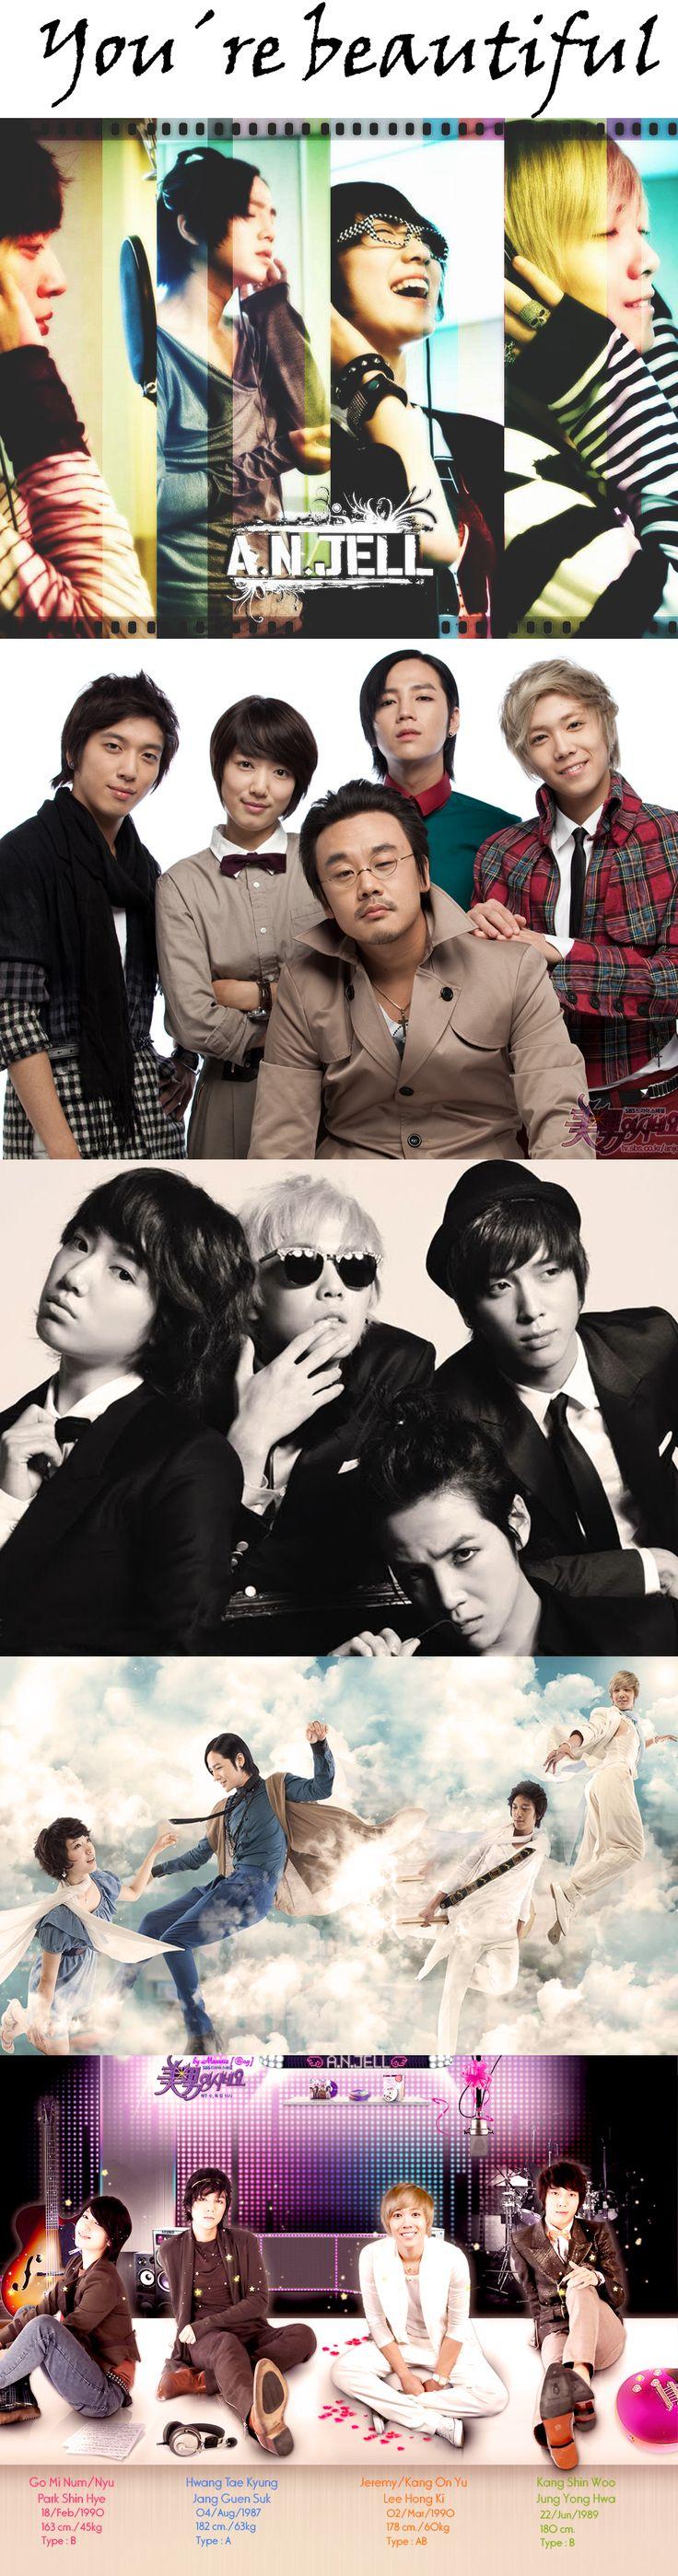 You're beautiful 미남이시네요 (K Drama 2009) 16 episodes ♥ Park Shin-hye as Go Mi Nam (Male) / Go Mi Nyu (Female) ♥ Jang Keun-suk as Hwang Tae Kyung ♥ Jung Yong-hwa as Kang Shin Woo ♥ Lee Hongki as Jeremy